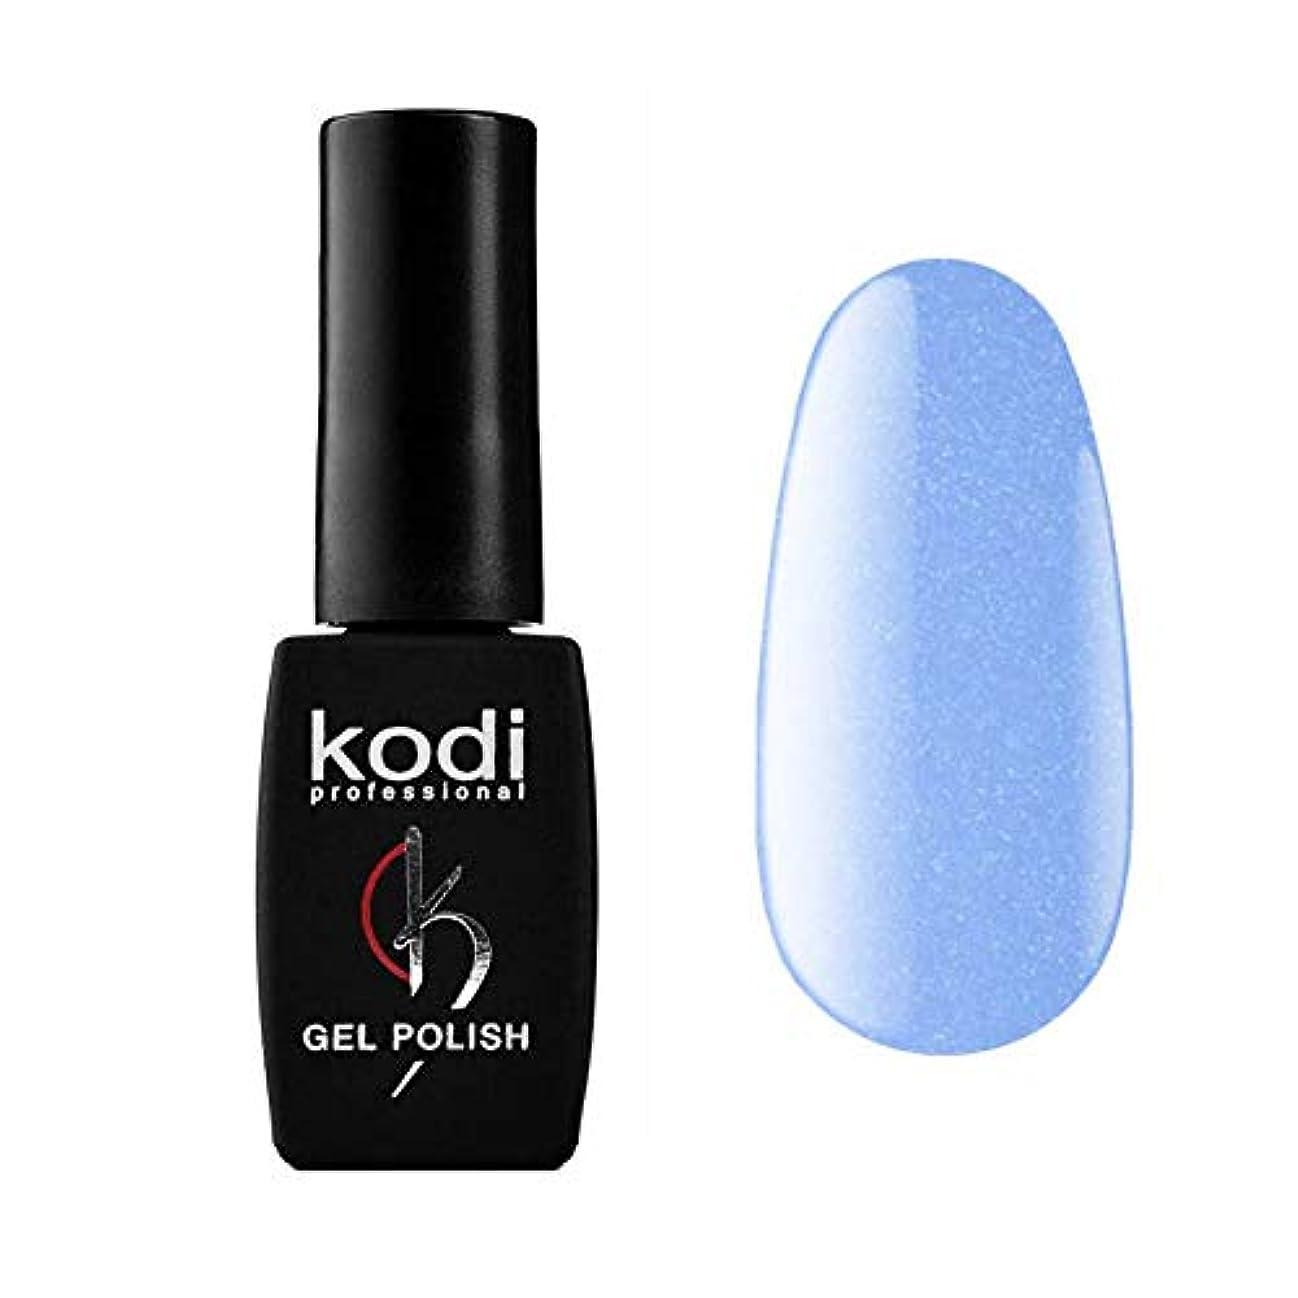 裏切り者聴衆立場Kodi Professional New Collection B BLUE #140 Color Gel Nail Polish 12ml 0.42 Fl Oz LED UV Genuine Soak Off